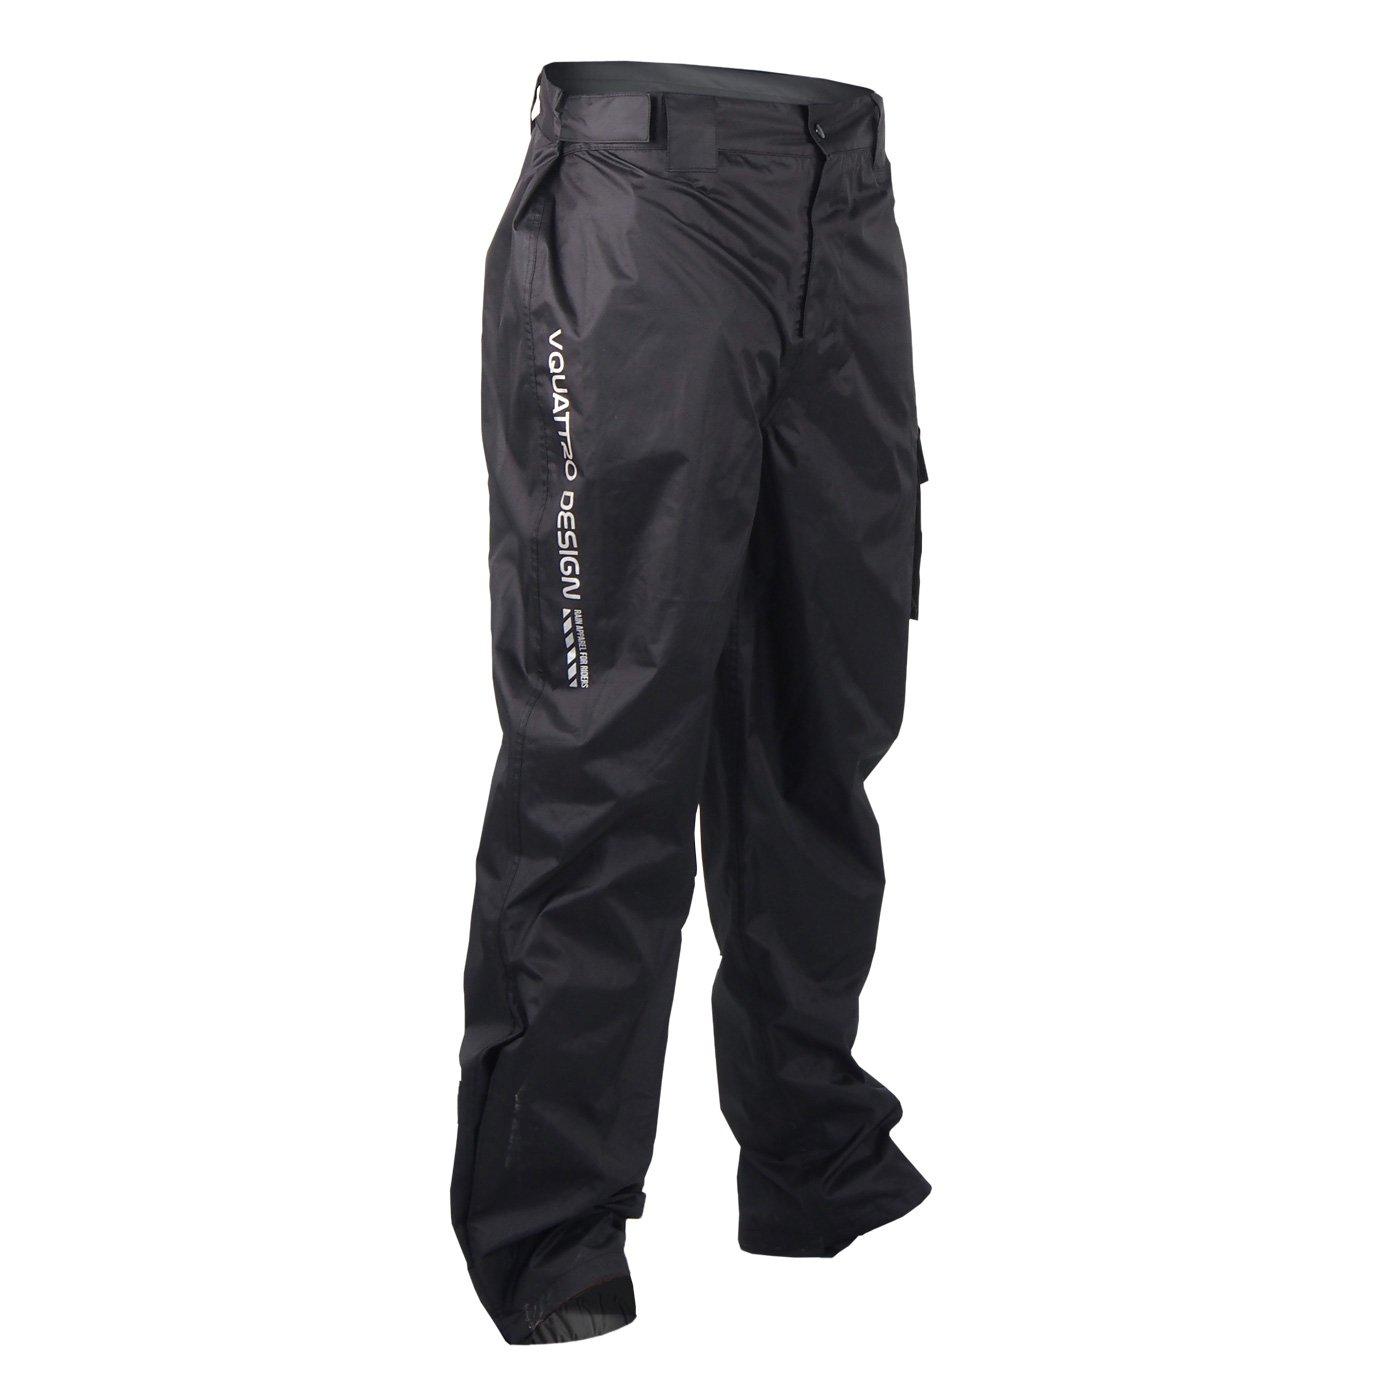 V Quattro Design Pantalon de Pluie Fracto Visio Taille 2XL Noir